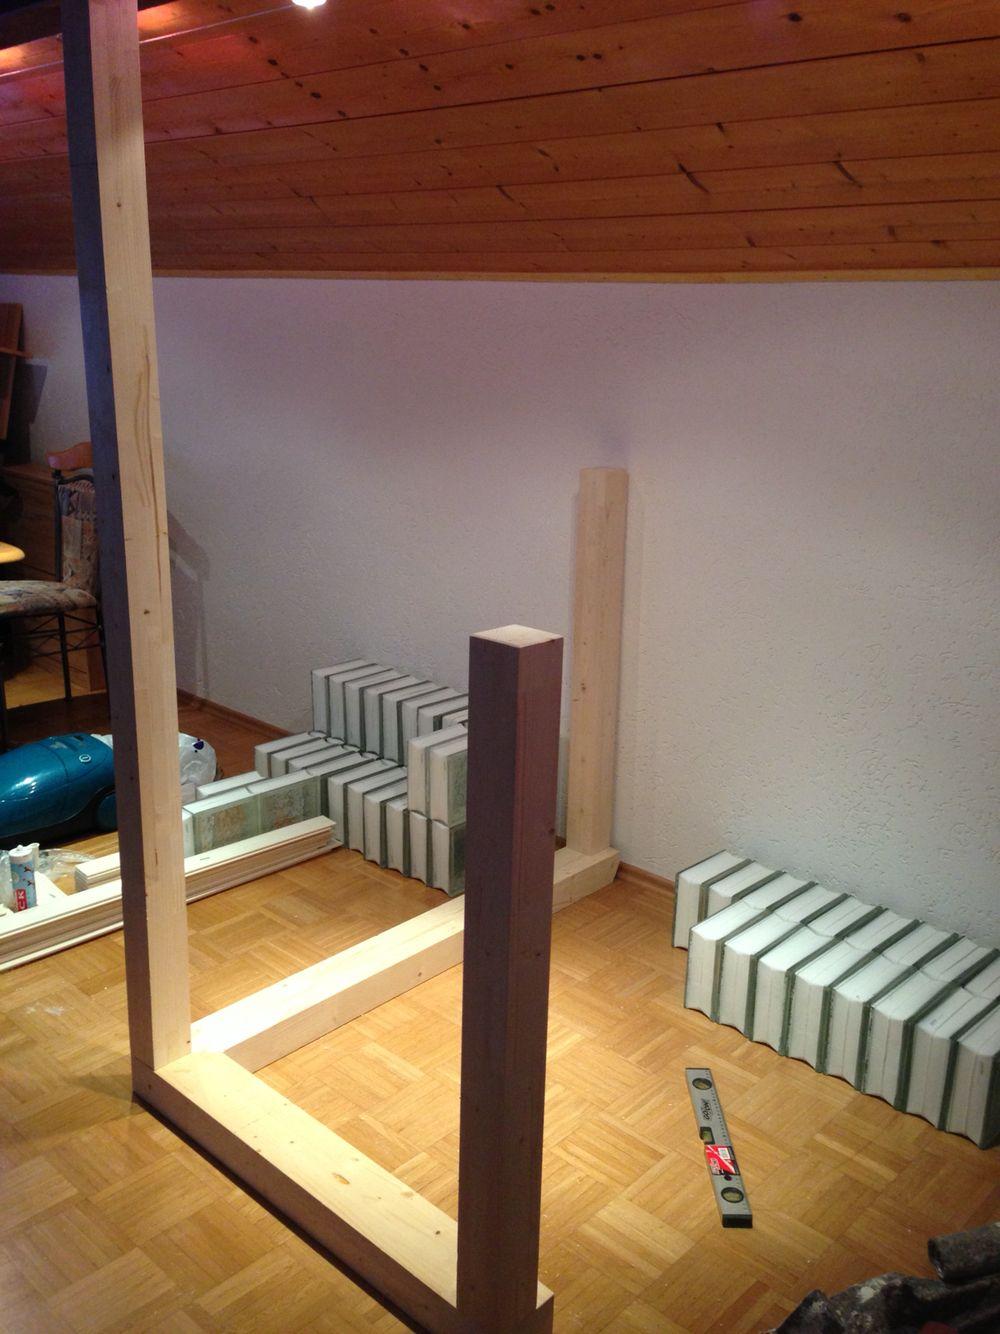 Bett selber bauen glasbausteine  Diy Bar mit Glasbausteine | Glasbausteine | Pinterest | Diy bar ...